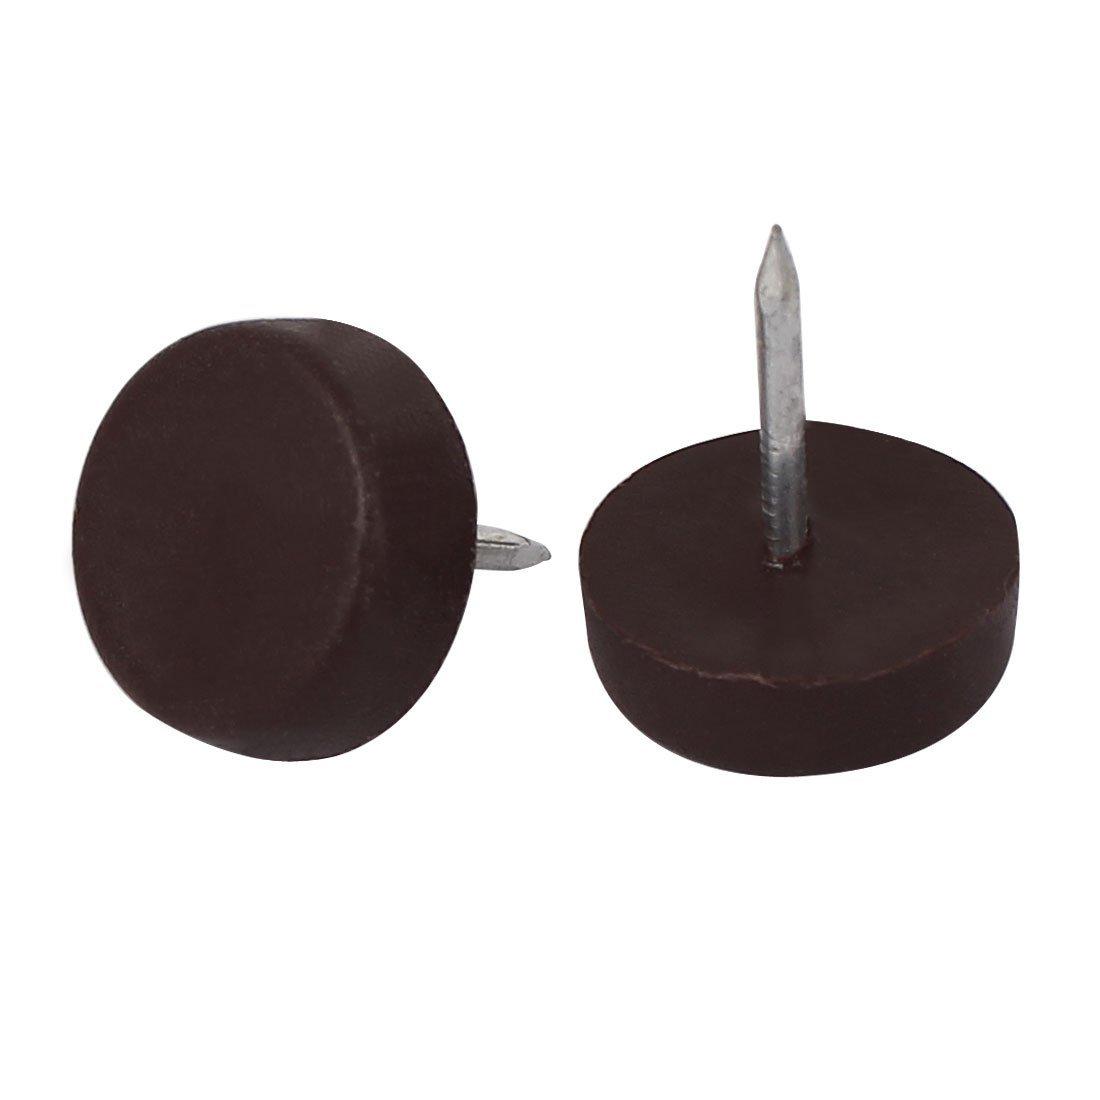 Amazon.com: eDealMax Pies mesa Silla Piernas de uñas de ...